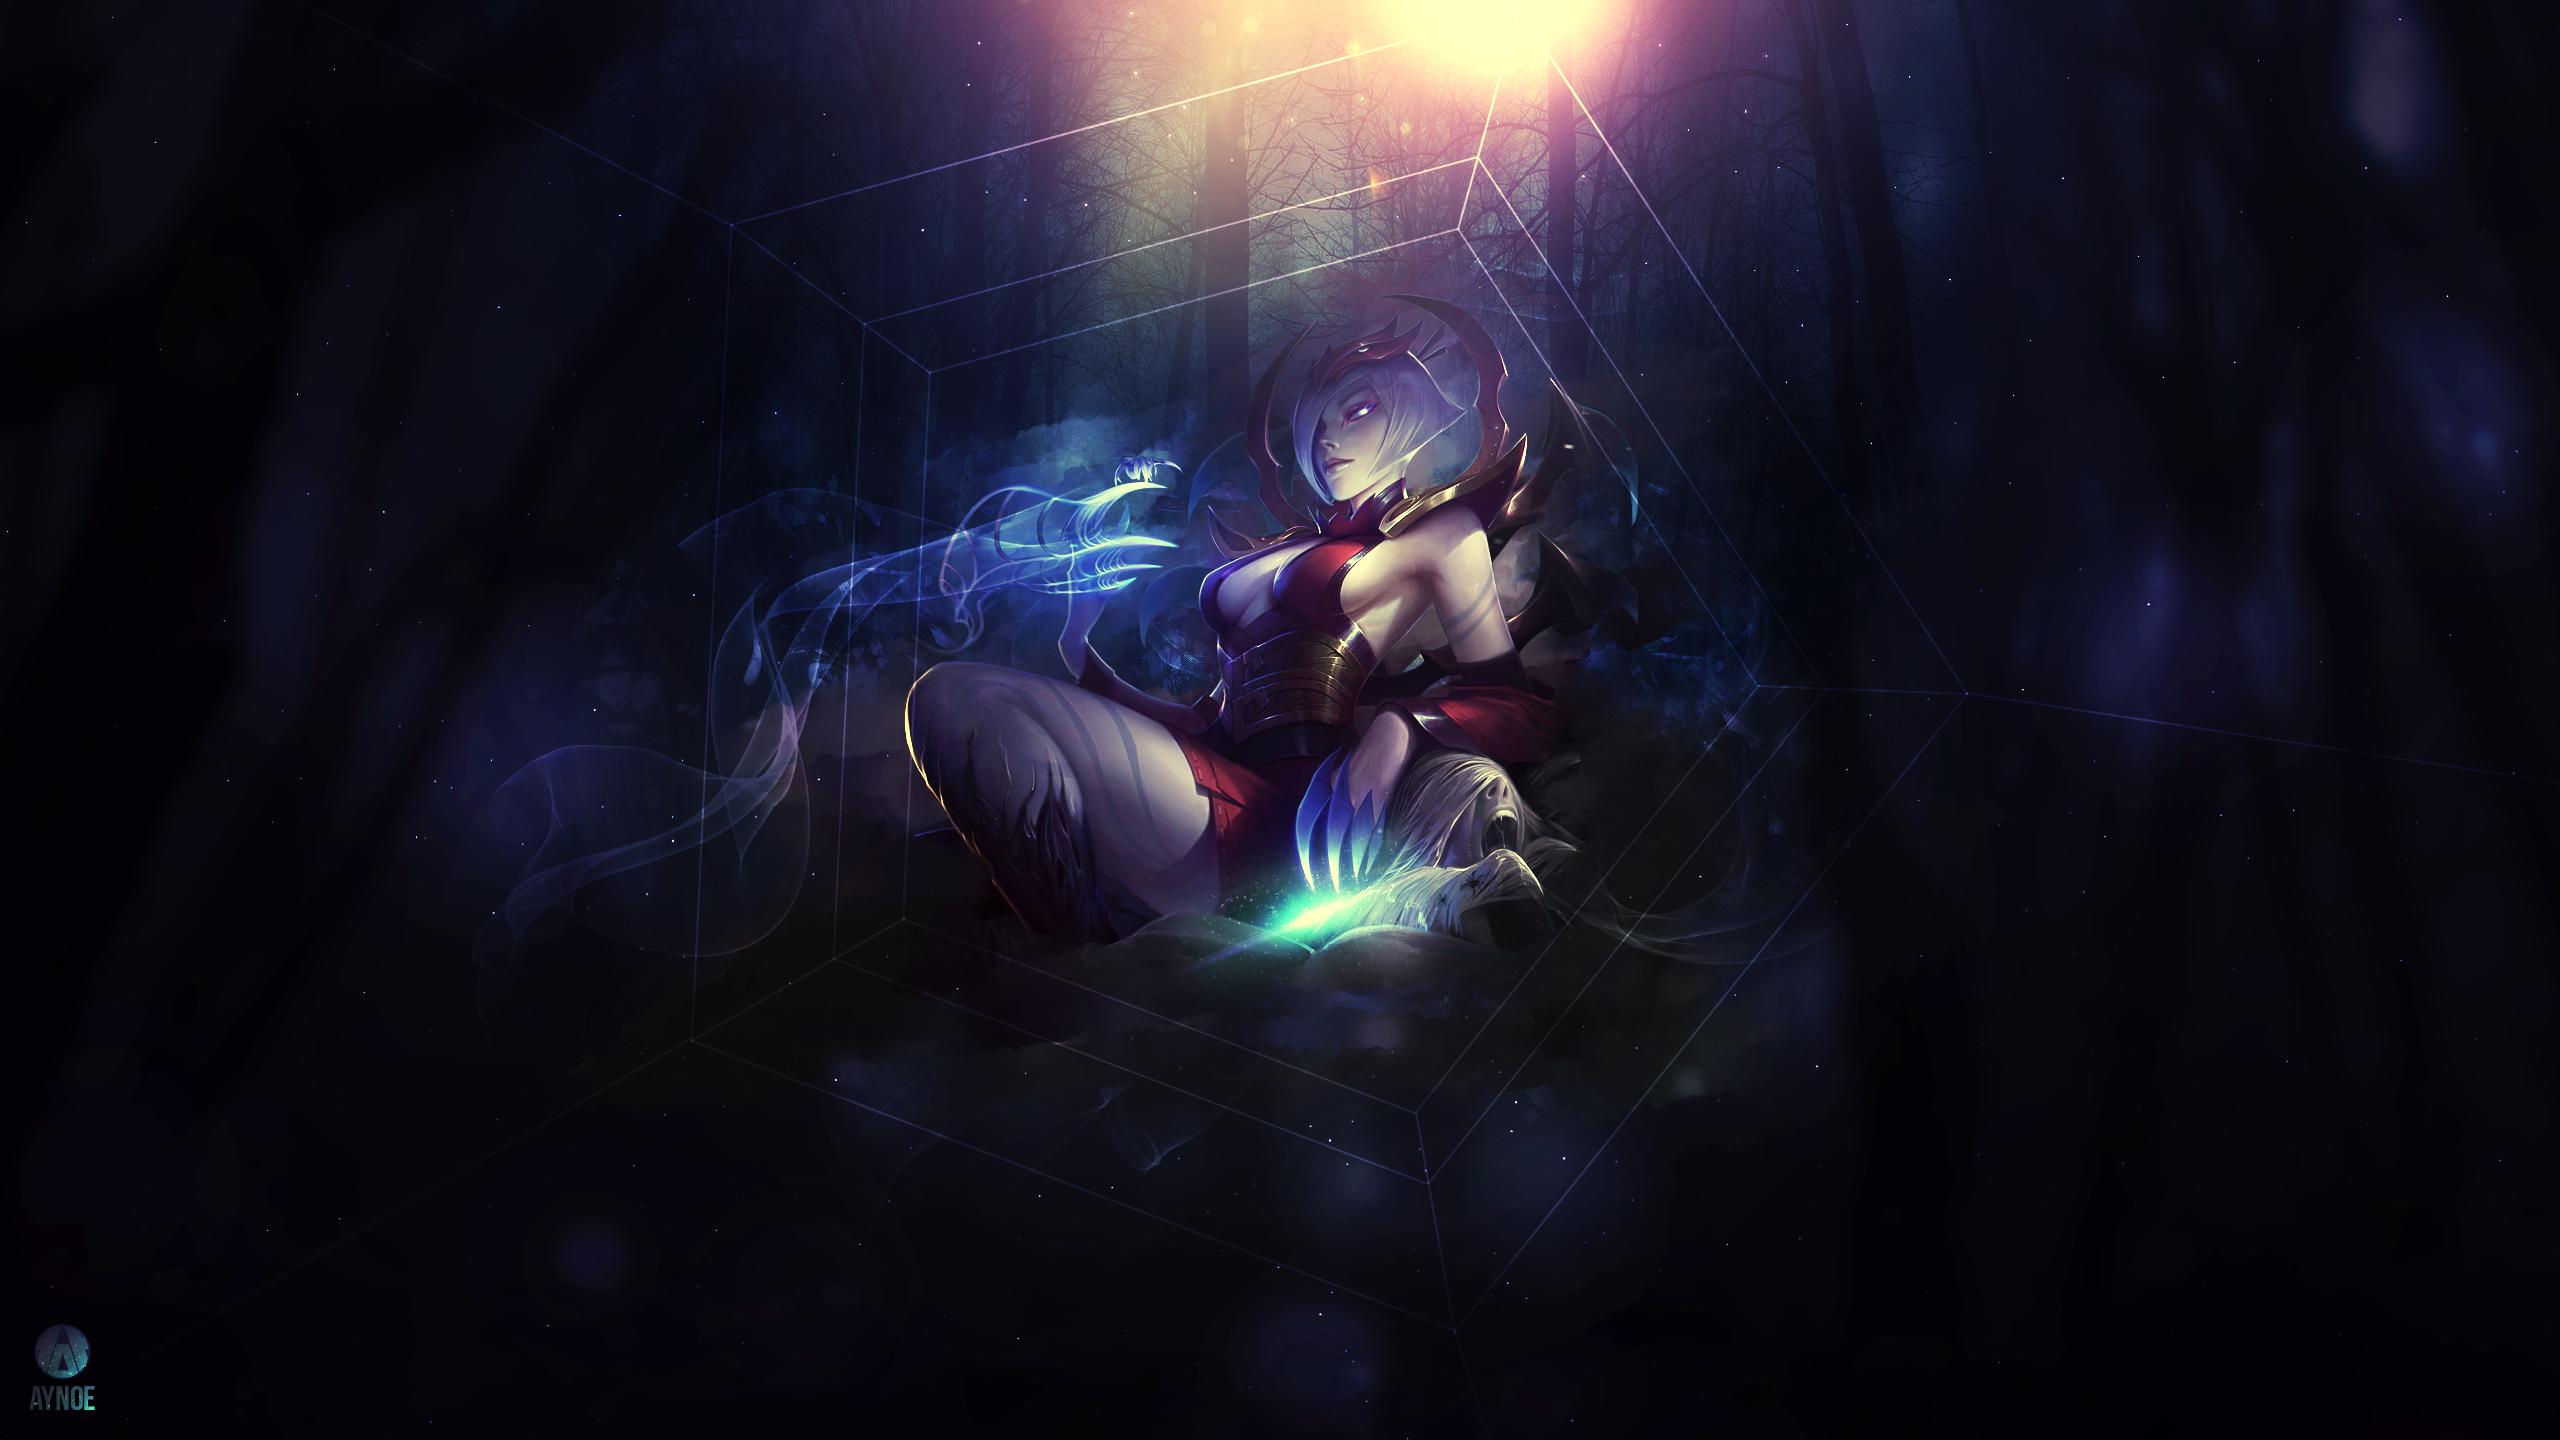 Elise ~ League of legends - Wallpaper by Aynoe on DeviantArt